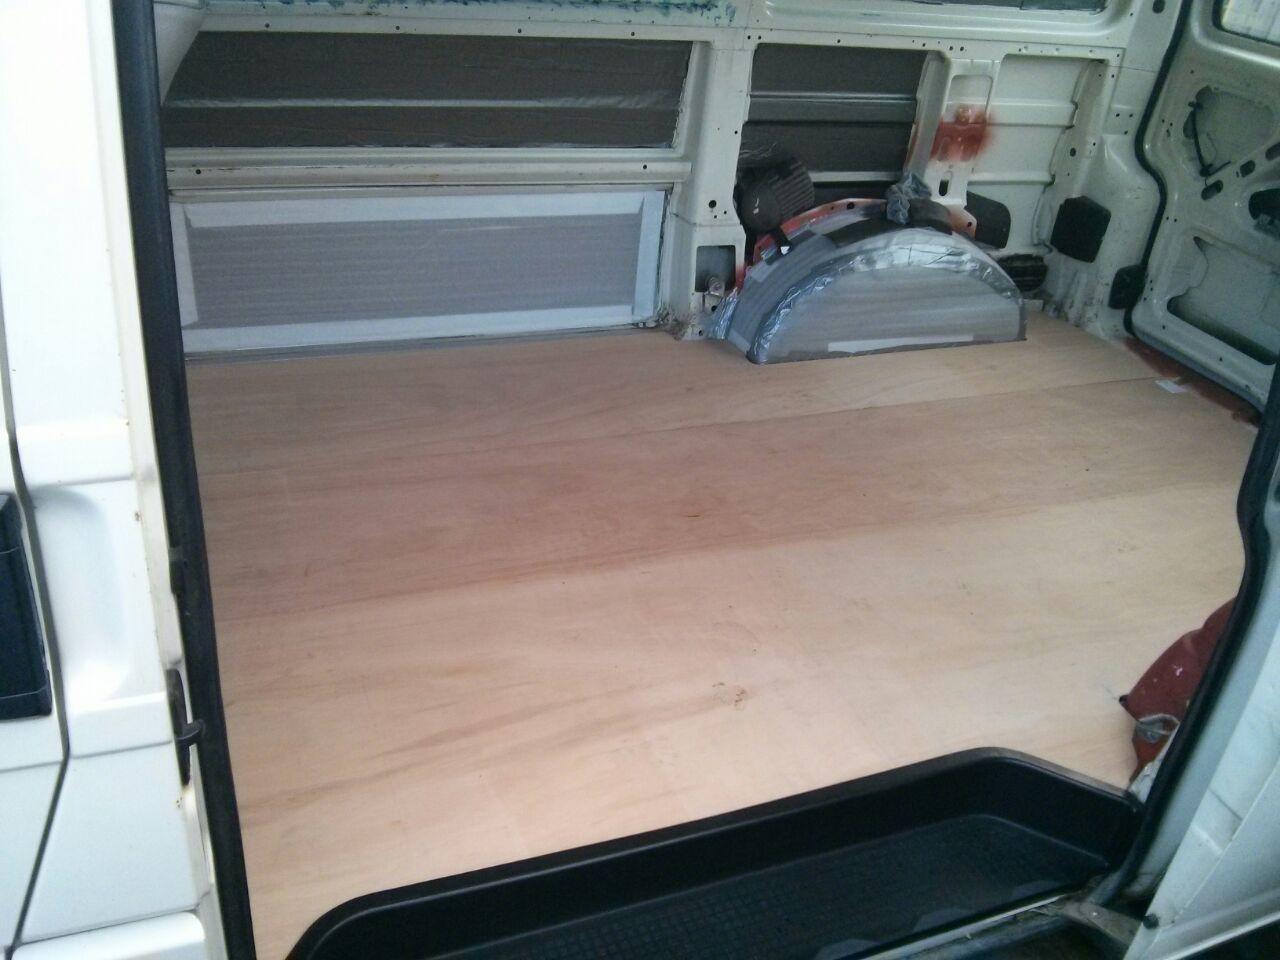 Picture of Campervan Floor Insulation